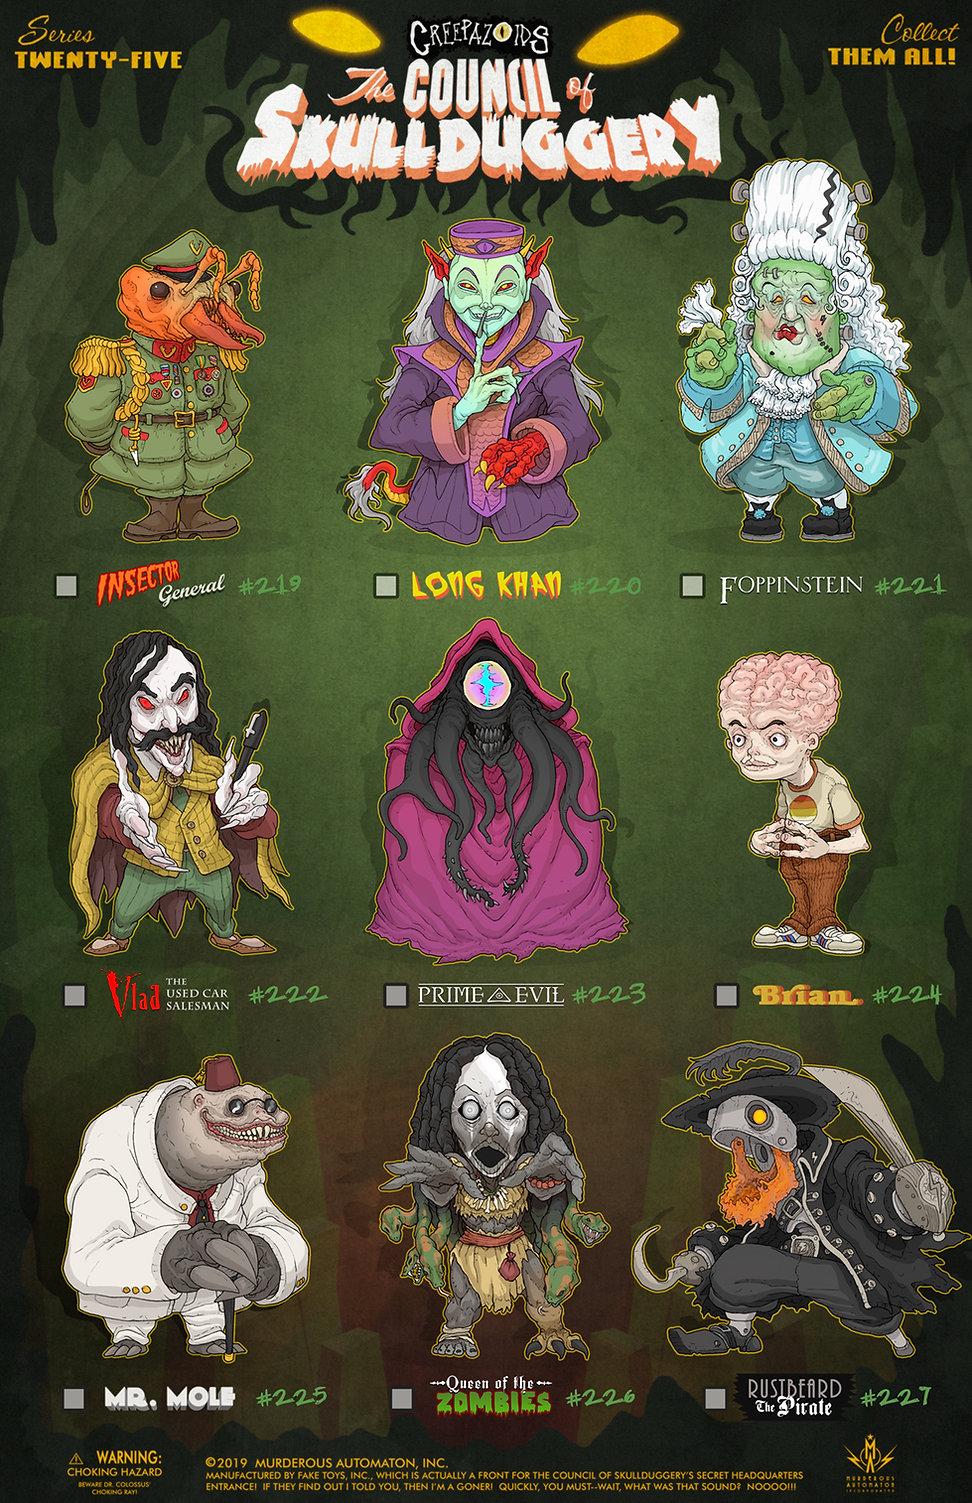 25 Creepazoids--The Council of Skulldugg